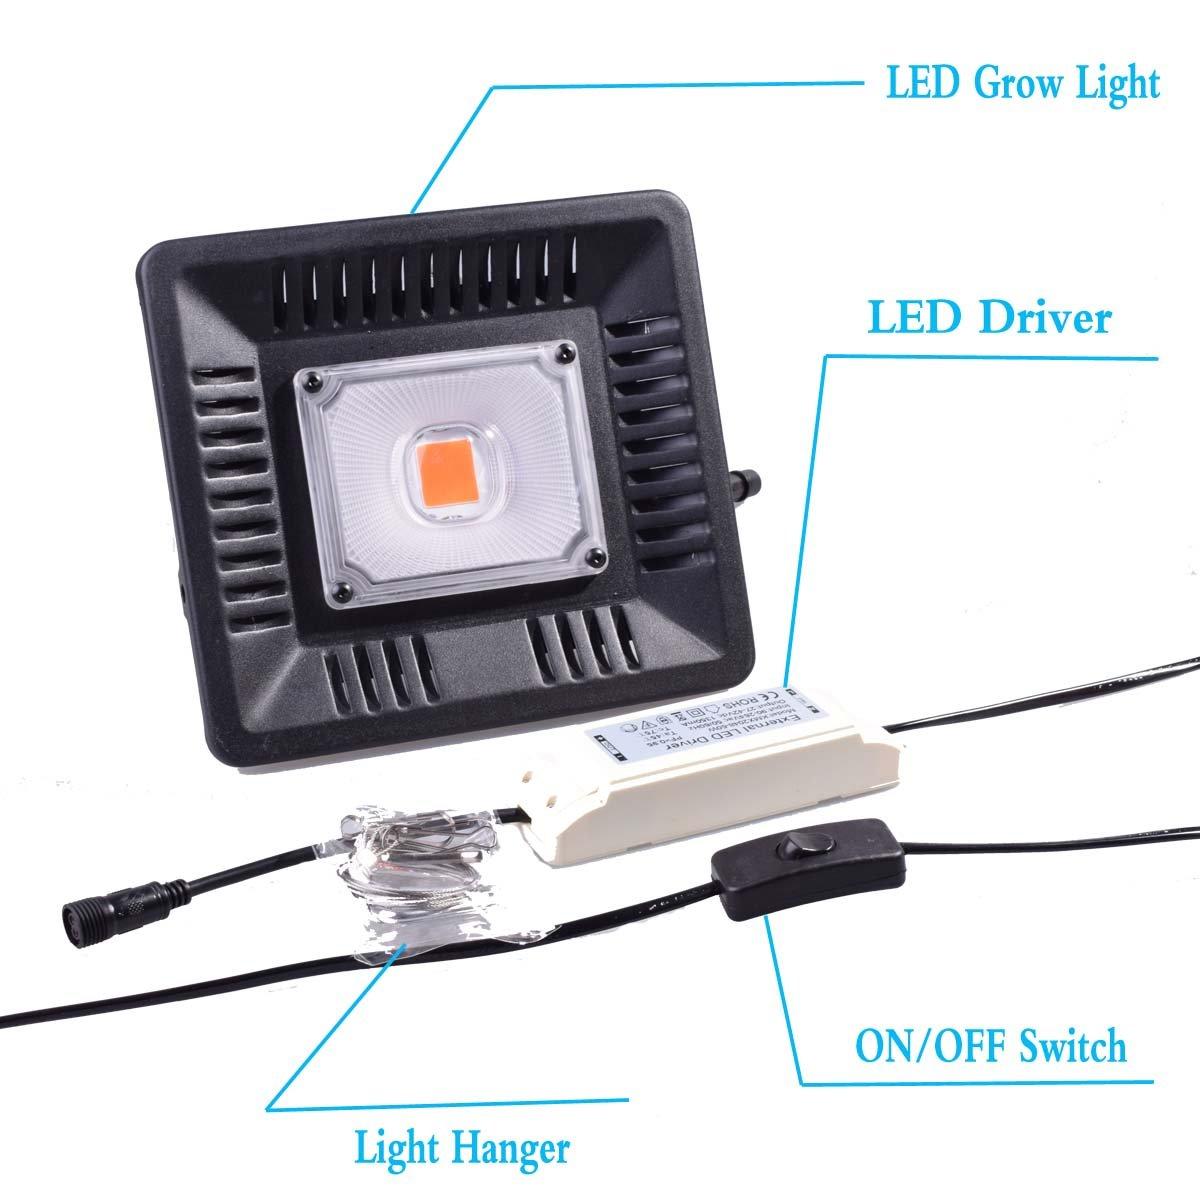 Amazon.com : Full Spectrum LED Grow Light 1000 Watt/1200W for Indoor Plants Veg and Flower (T-100W) : Garden & Outdoor